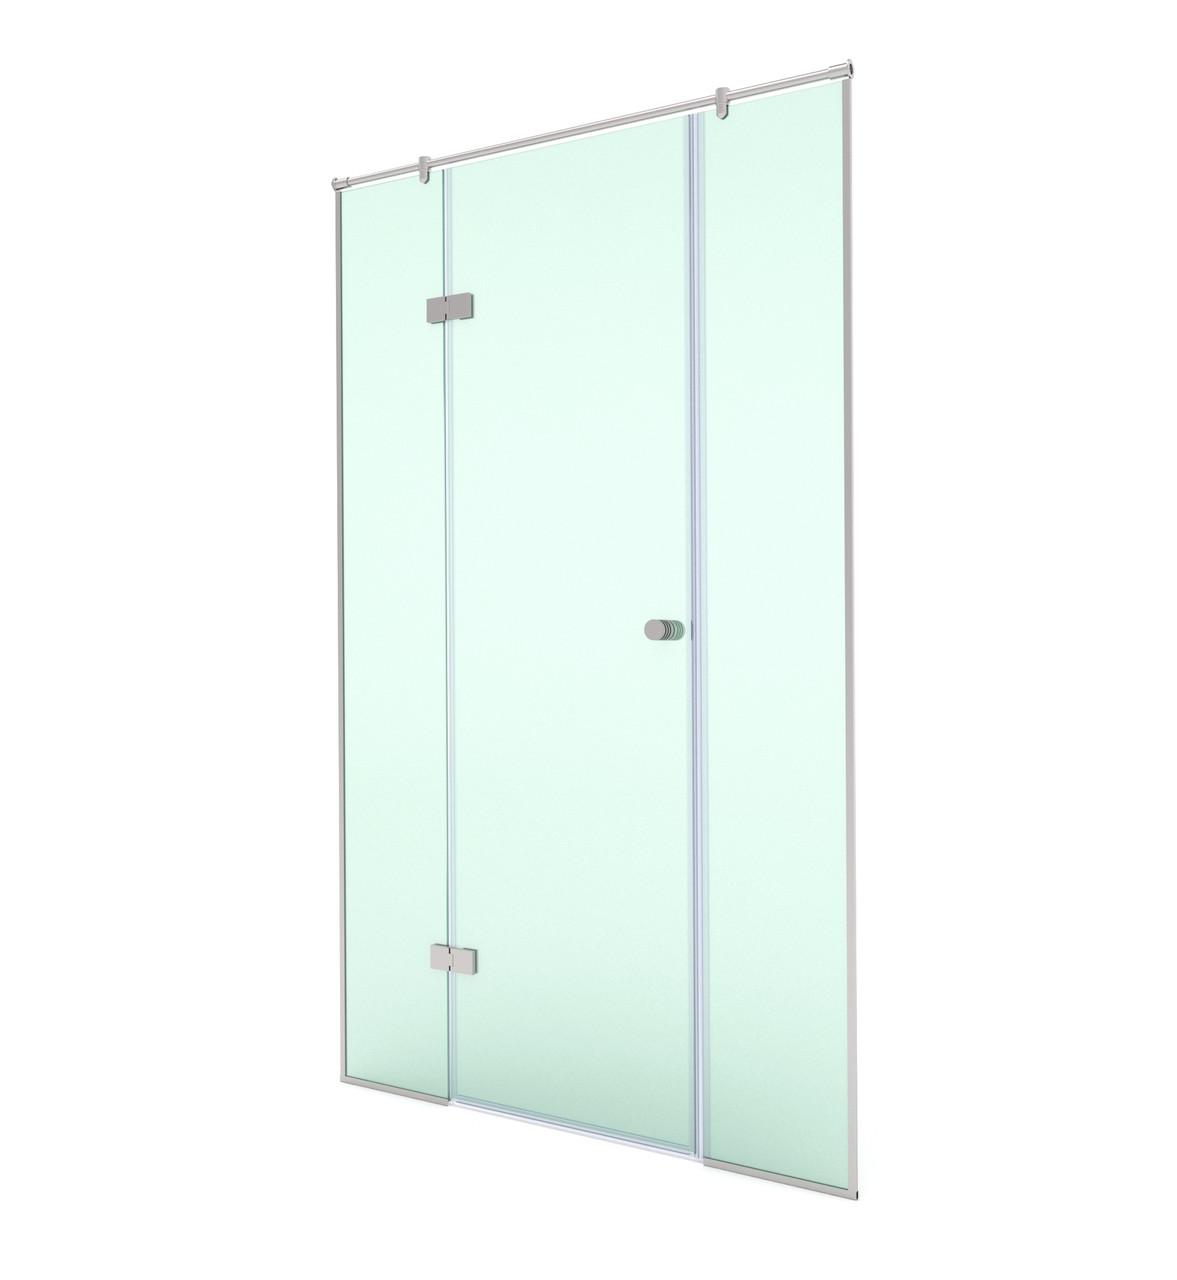 Стеклянные двери для душевой, модели SD-02-11